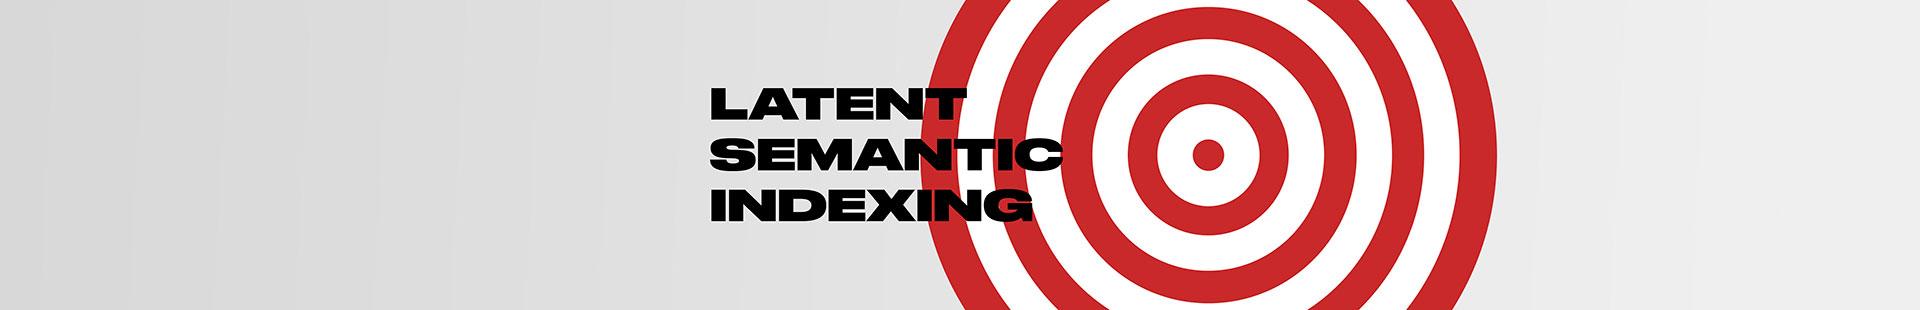 Латентно-семантическое индексирование